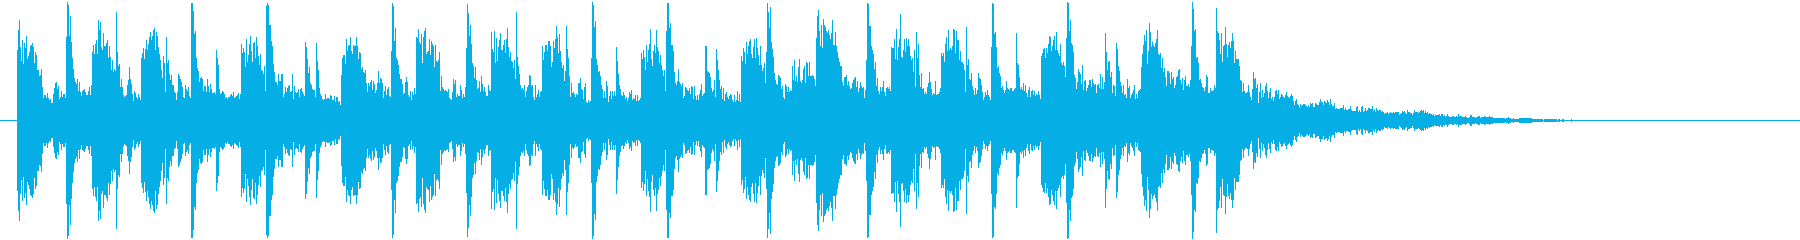 緩やかでマイナーなビートジングルの再生済みの波形